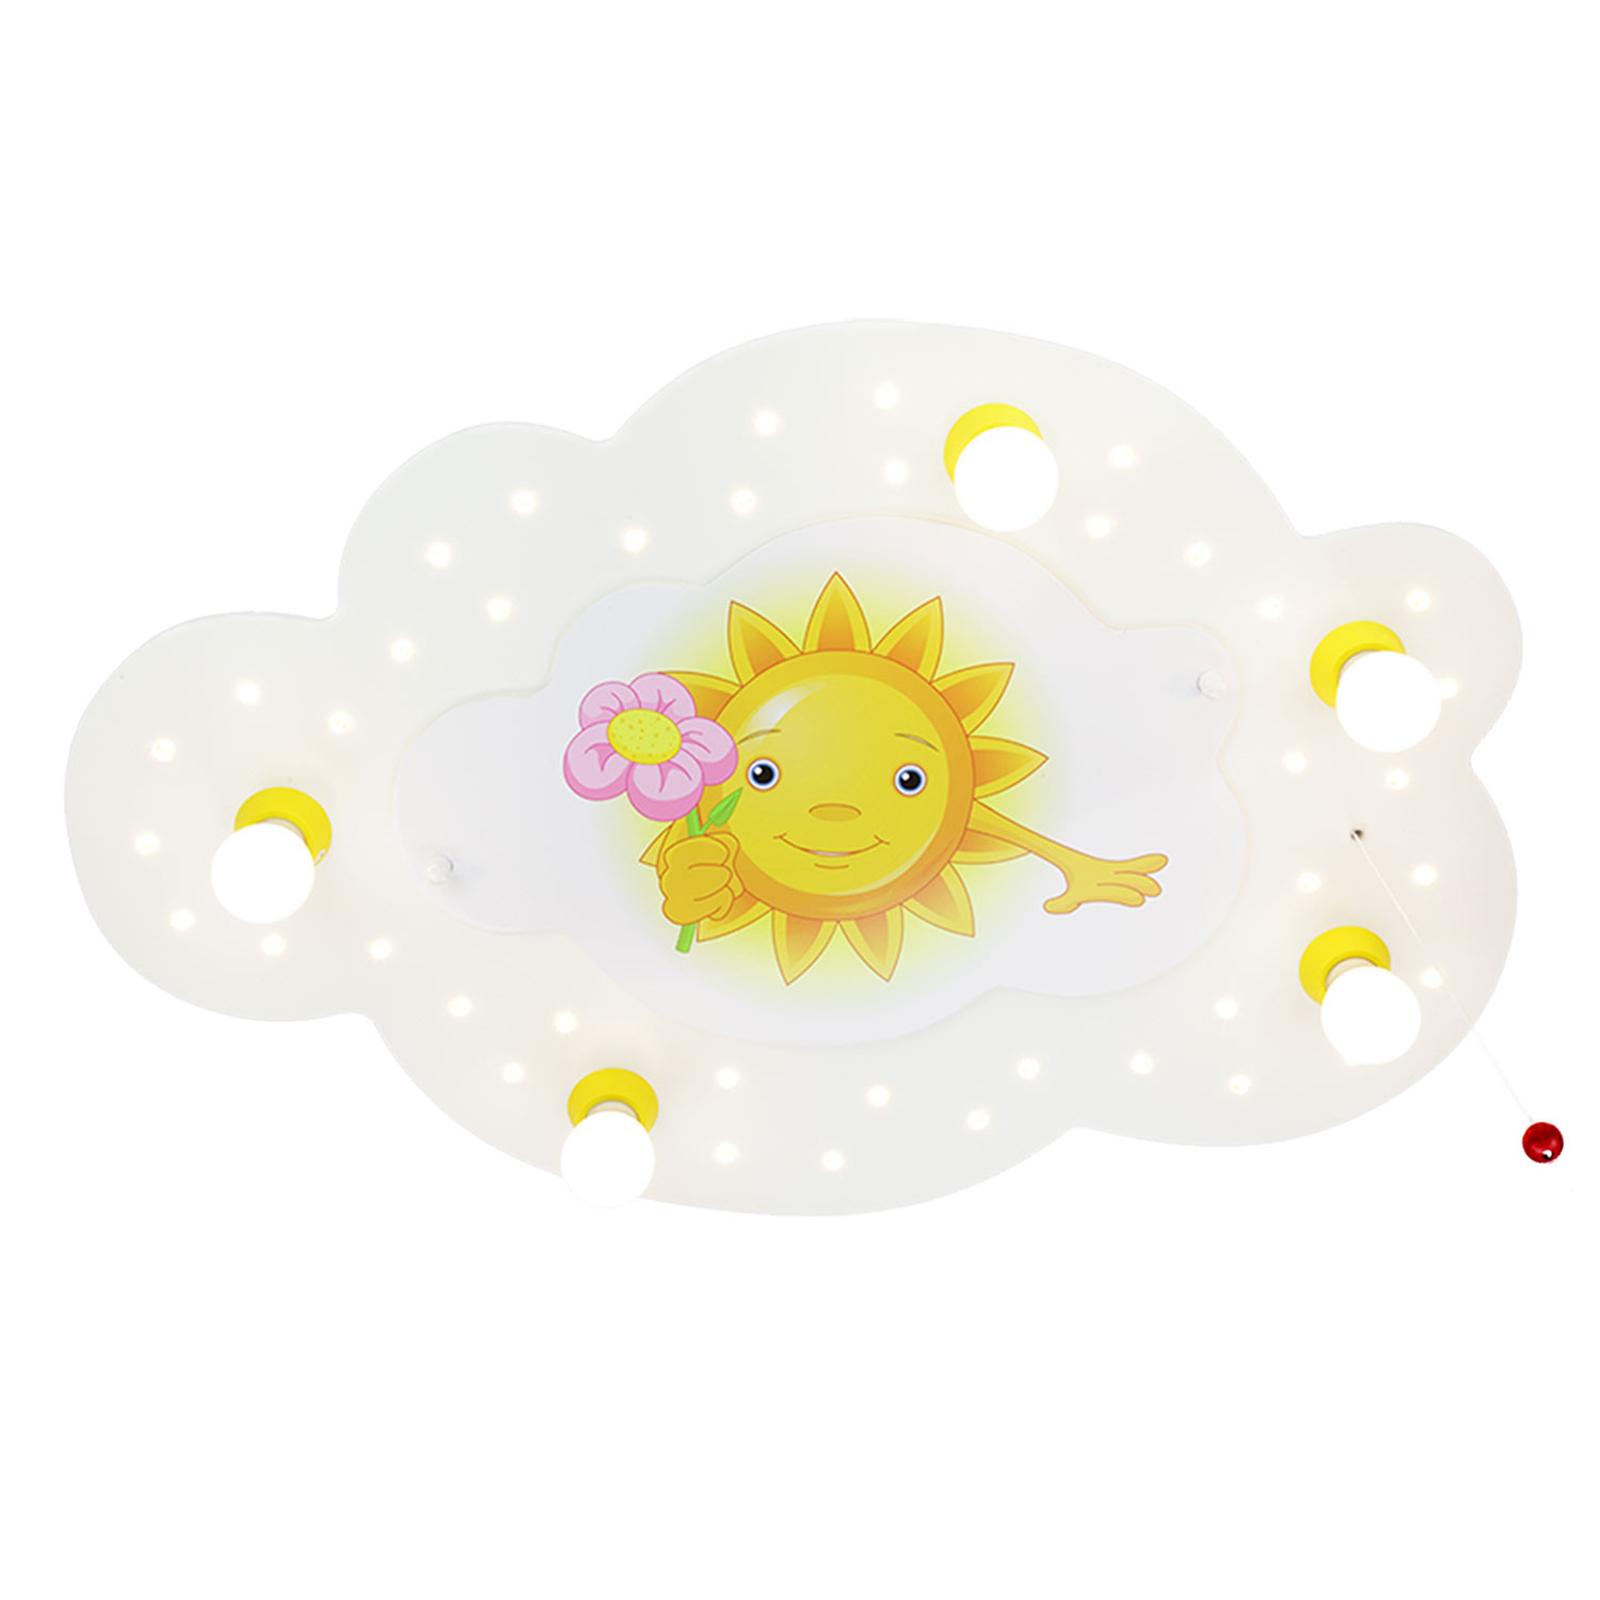 Taklampa Sol med blomma, 5 lampor, vit